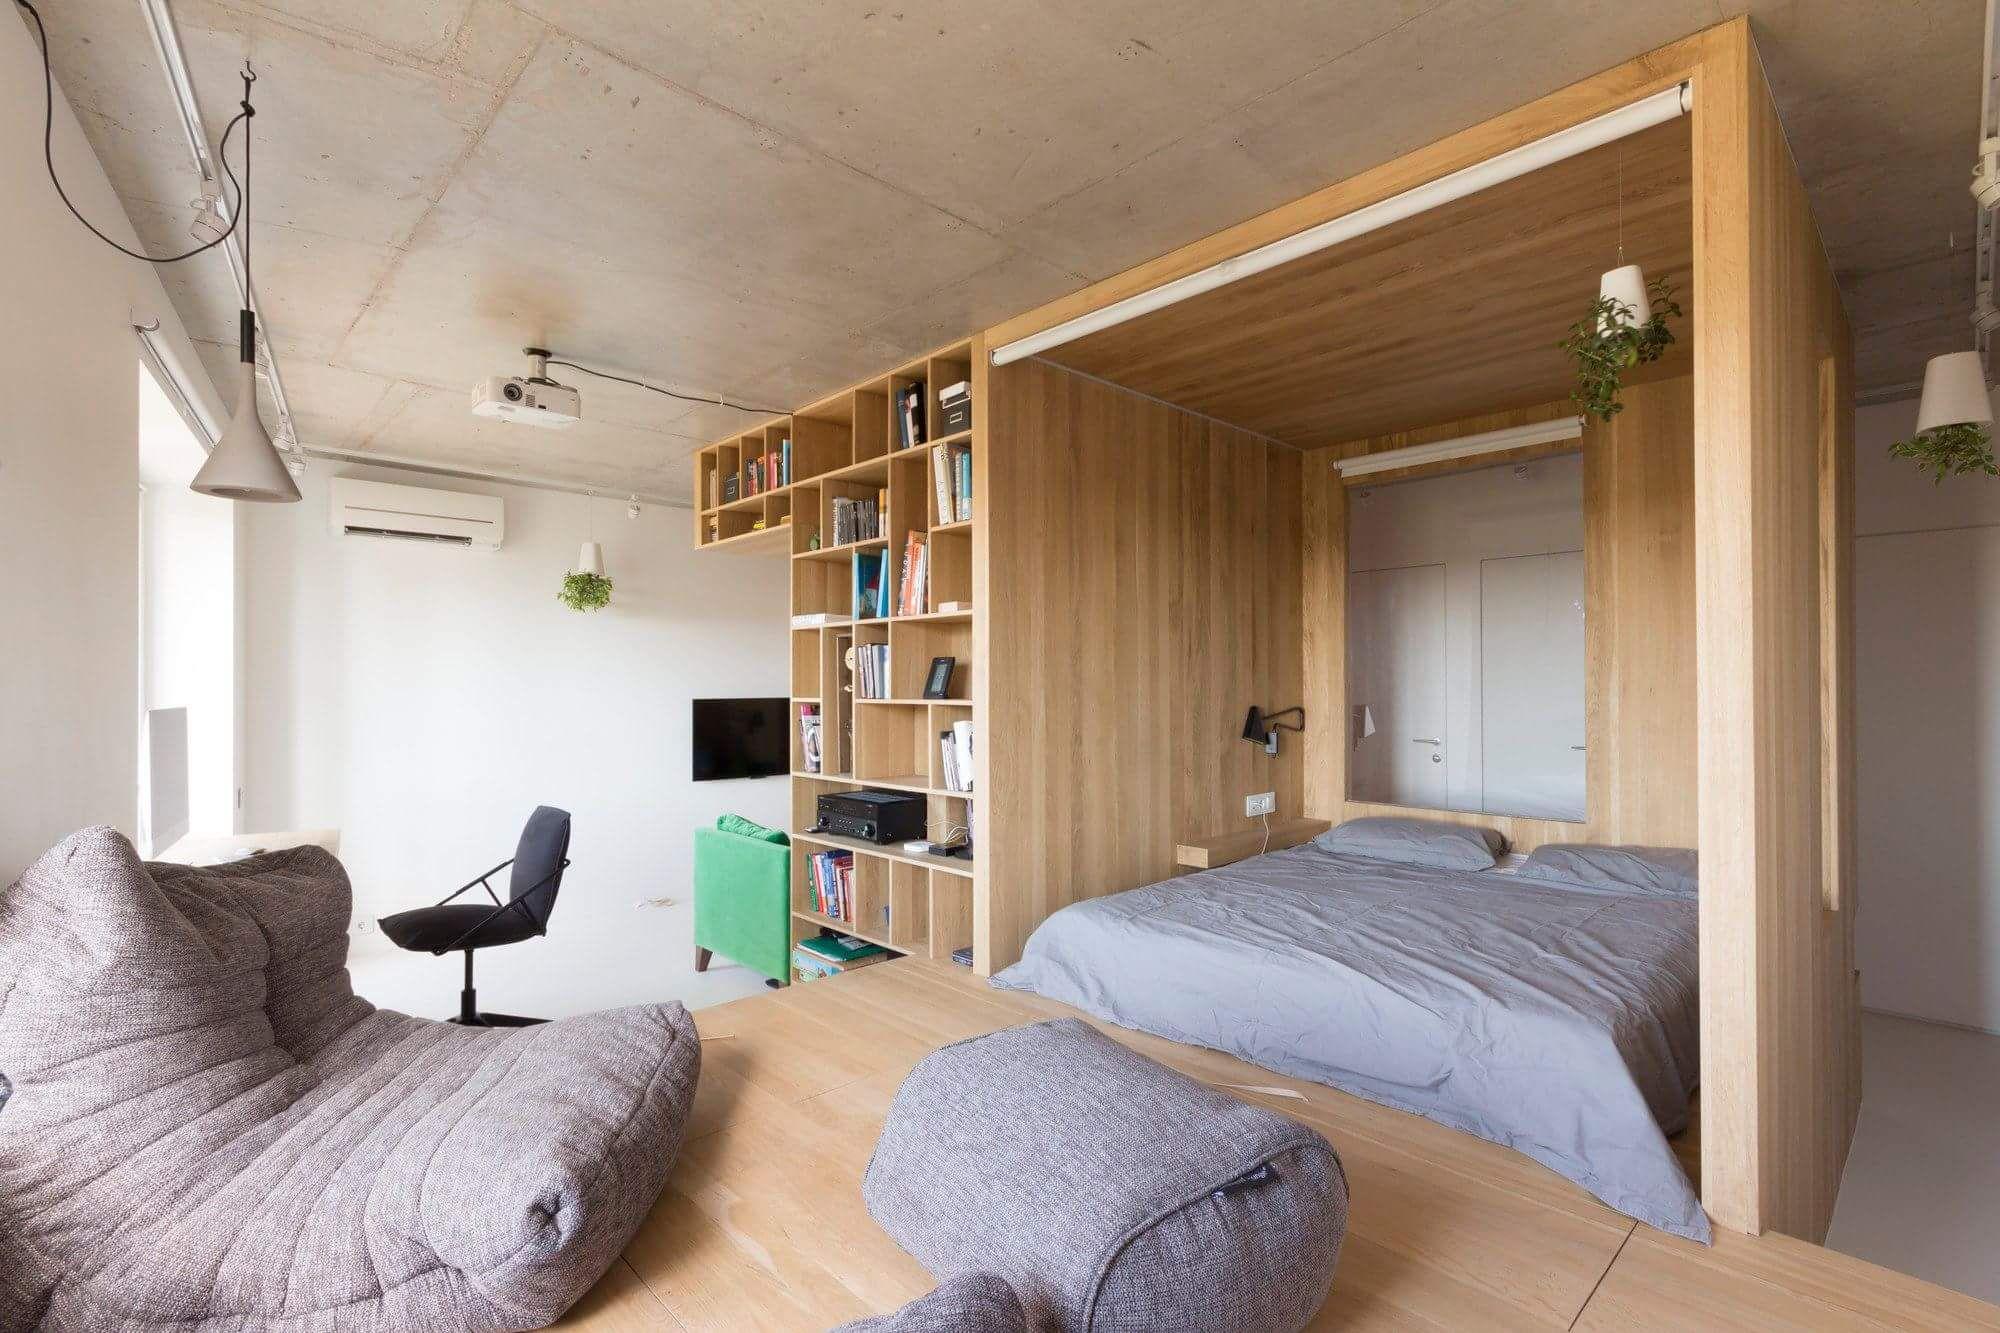 60 Koleksi Ide Design Untuk Apartemen Studio Terbaik Untuk Di Contoh